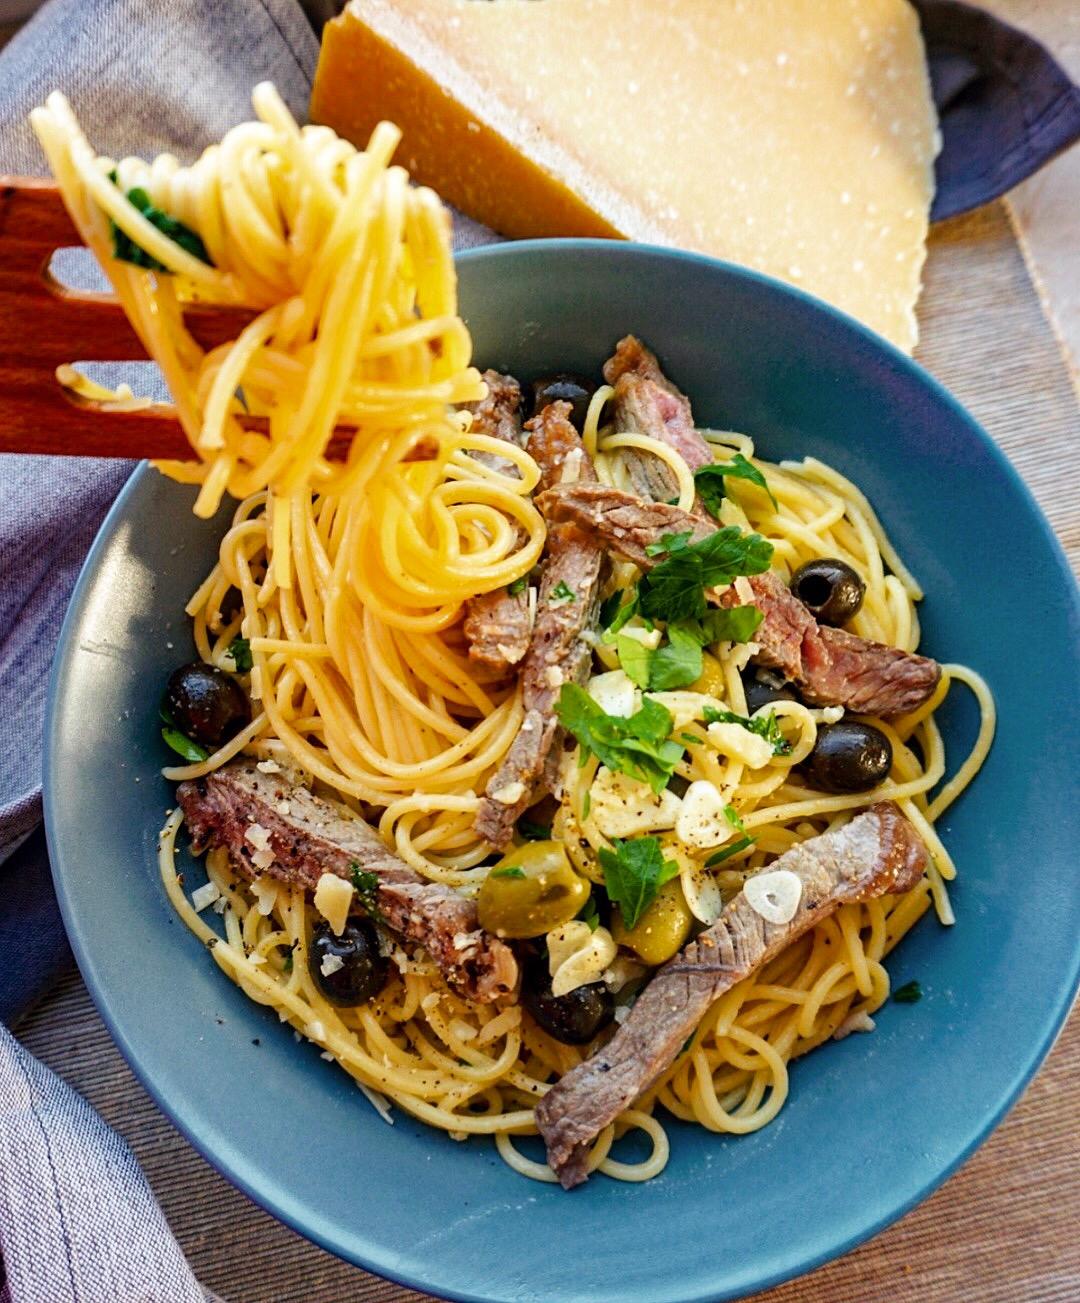 Pasta mit Rinderfilet, Oliven und Parmesan – herrlich mediterran